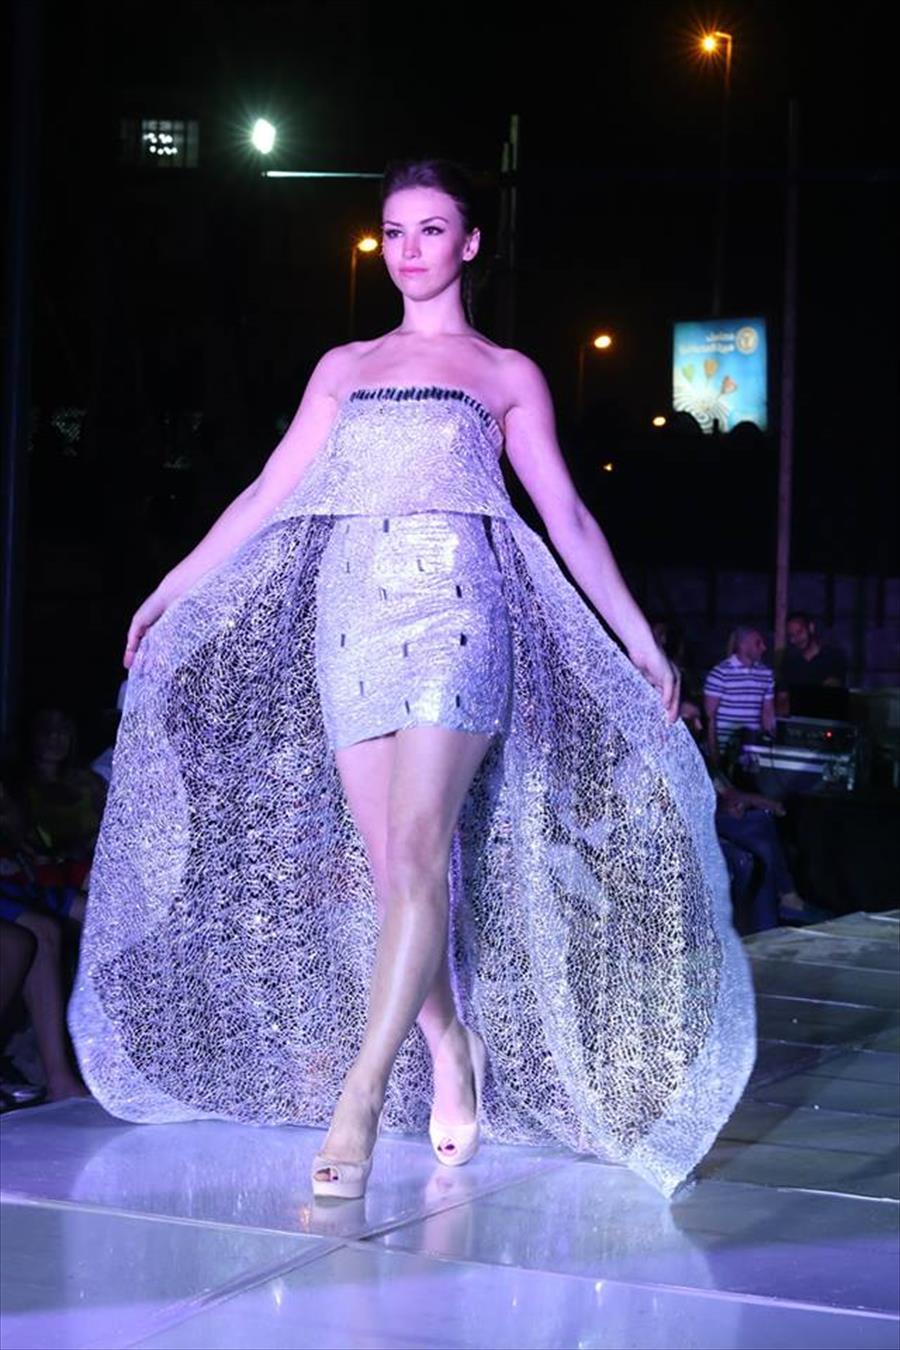 صور فساتين سهرة في طرابلس فيس بوك , اروع الفساتين , قلبي يا ناس علي الاناقة